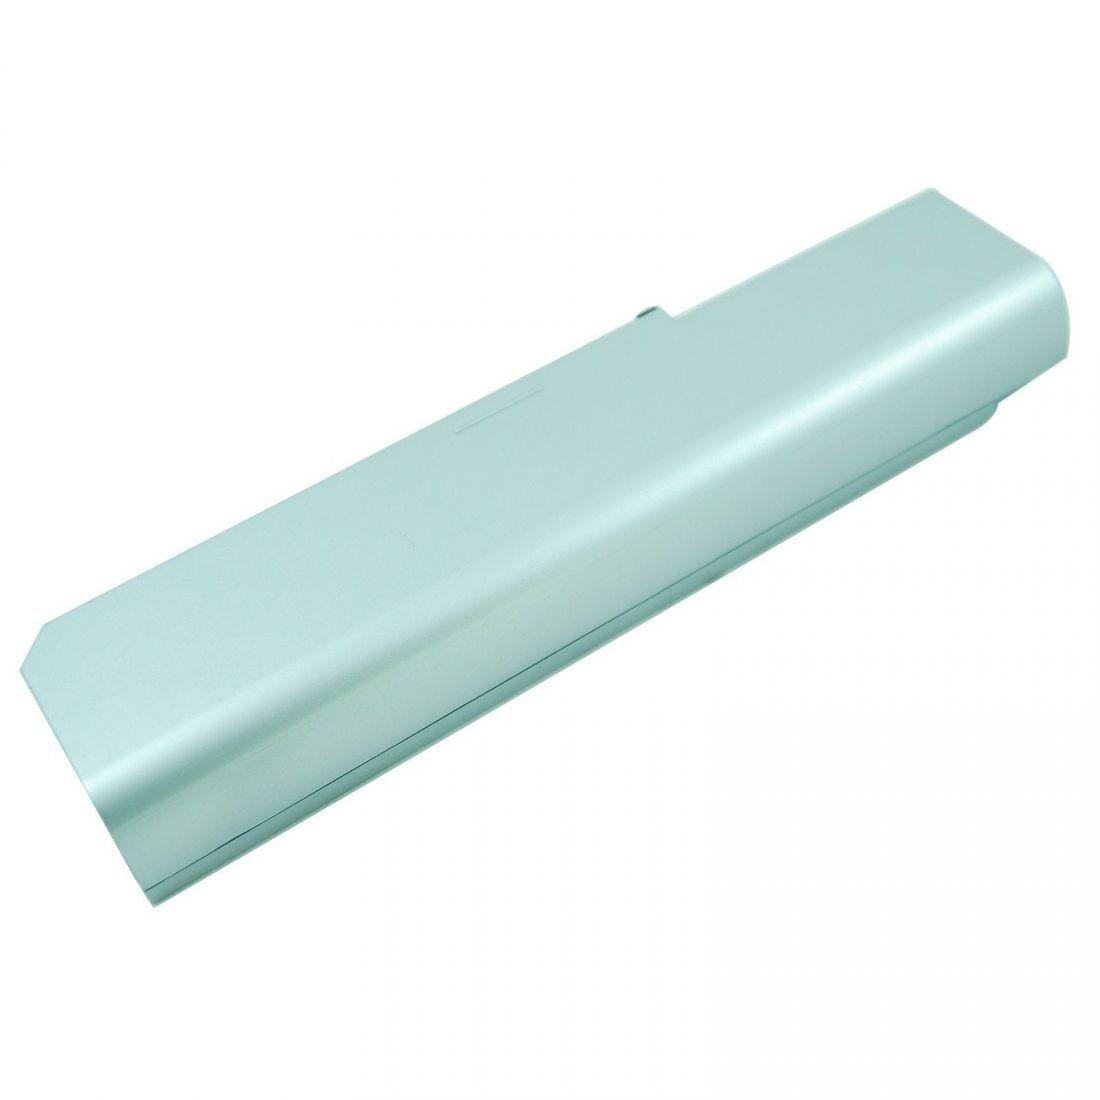 Batterie Lenovo 3000 N100 10.8 4400mAh/48wh Compatible avec Lenovo 3000 C 3000 C200 8922 | 3000 C200 Series 3000 N 3000 N100